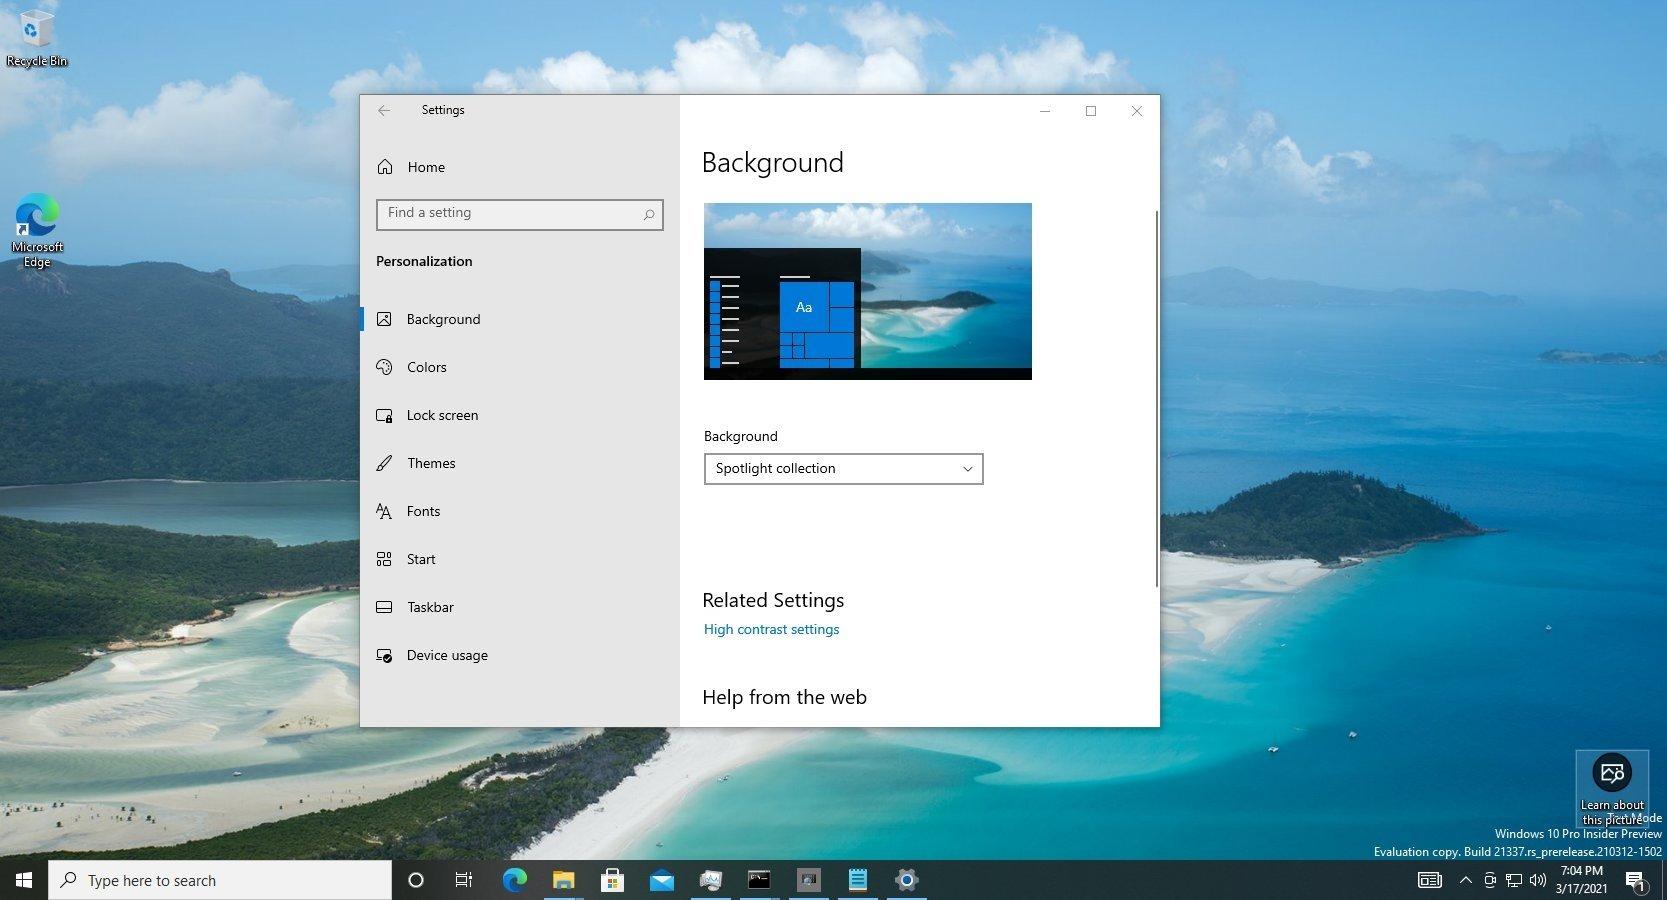 Windows 10 alterar wallpaper